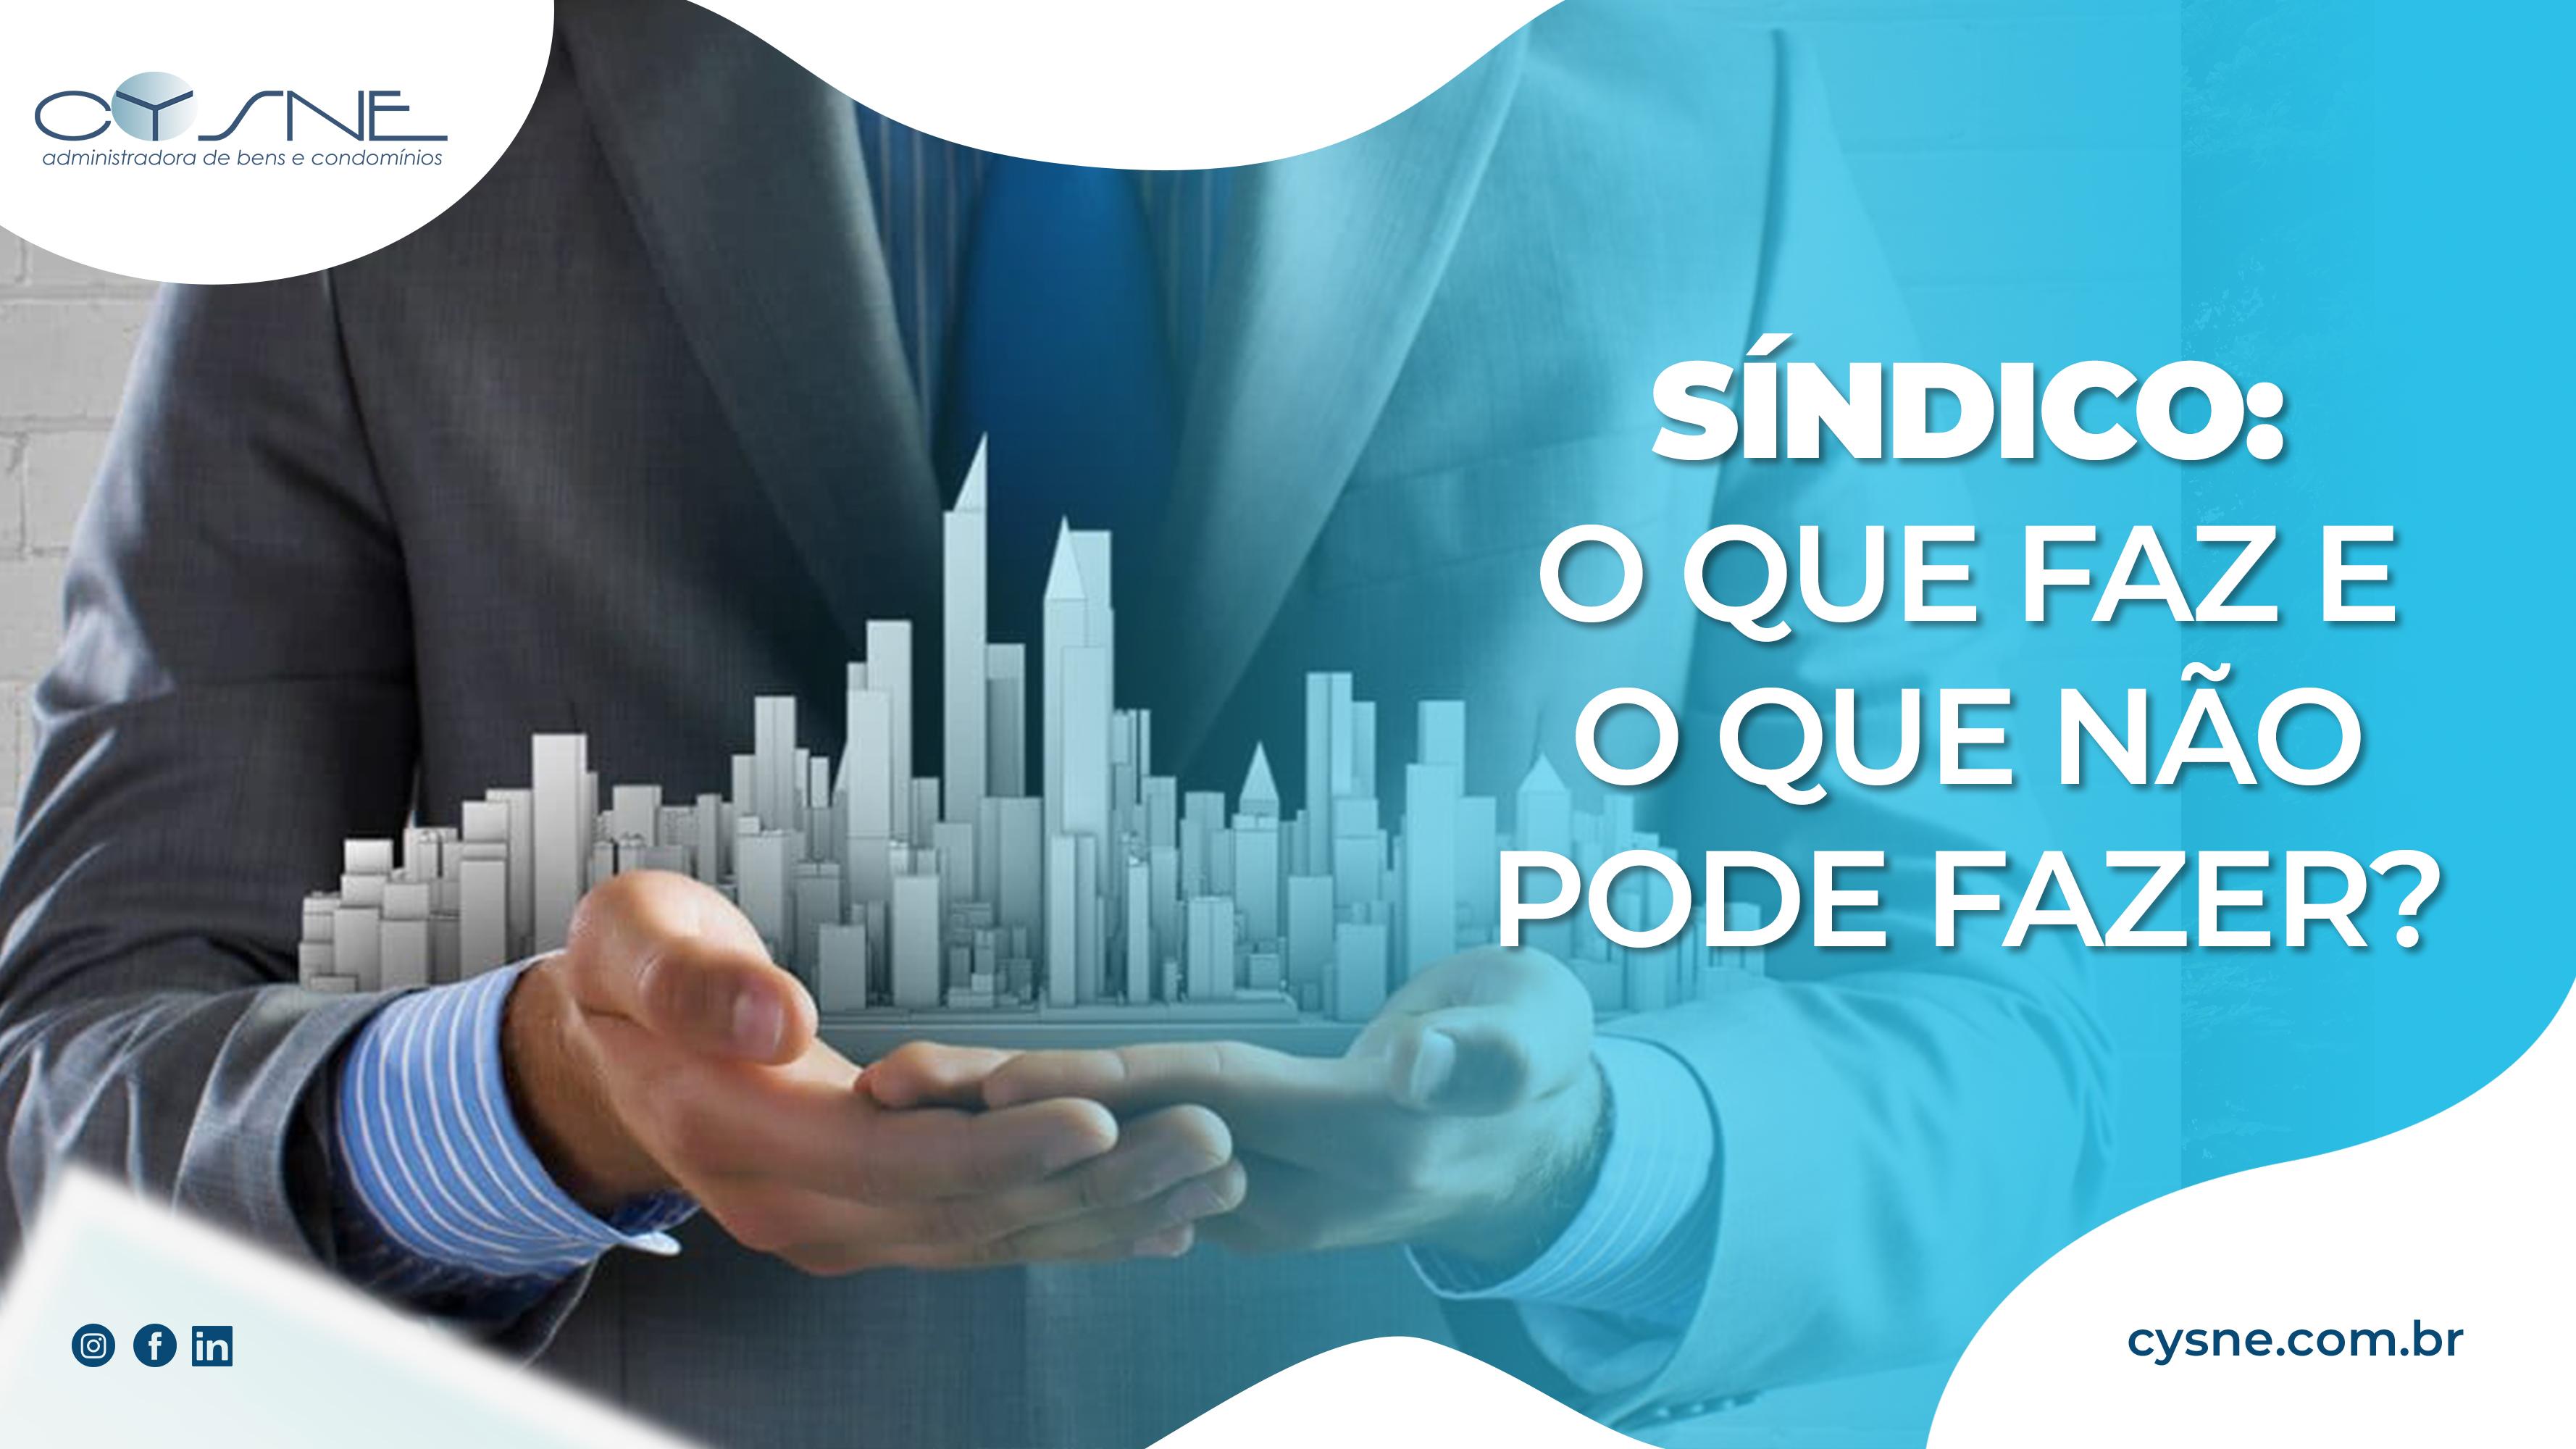 Sindico Linkedin - Cysne Administradora de bens e Condomínios